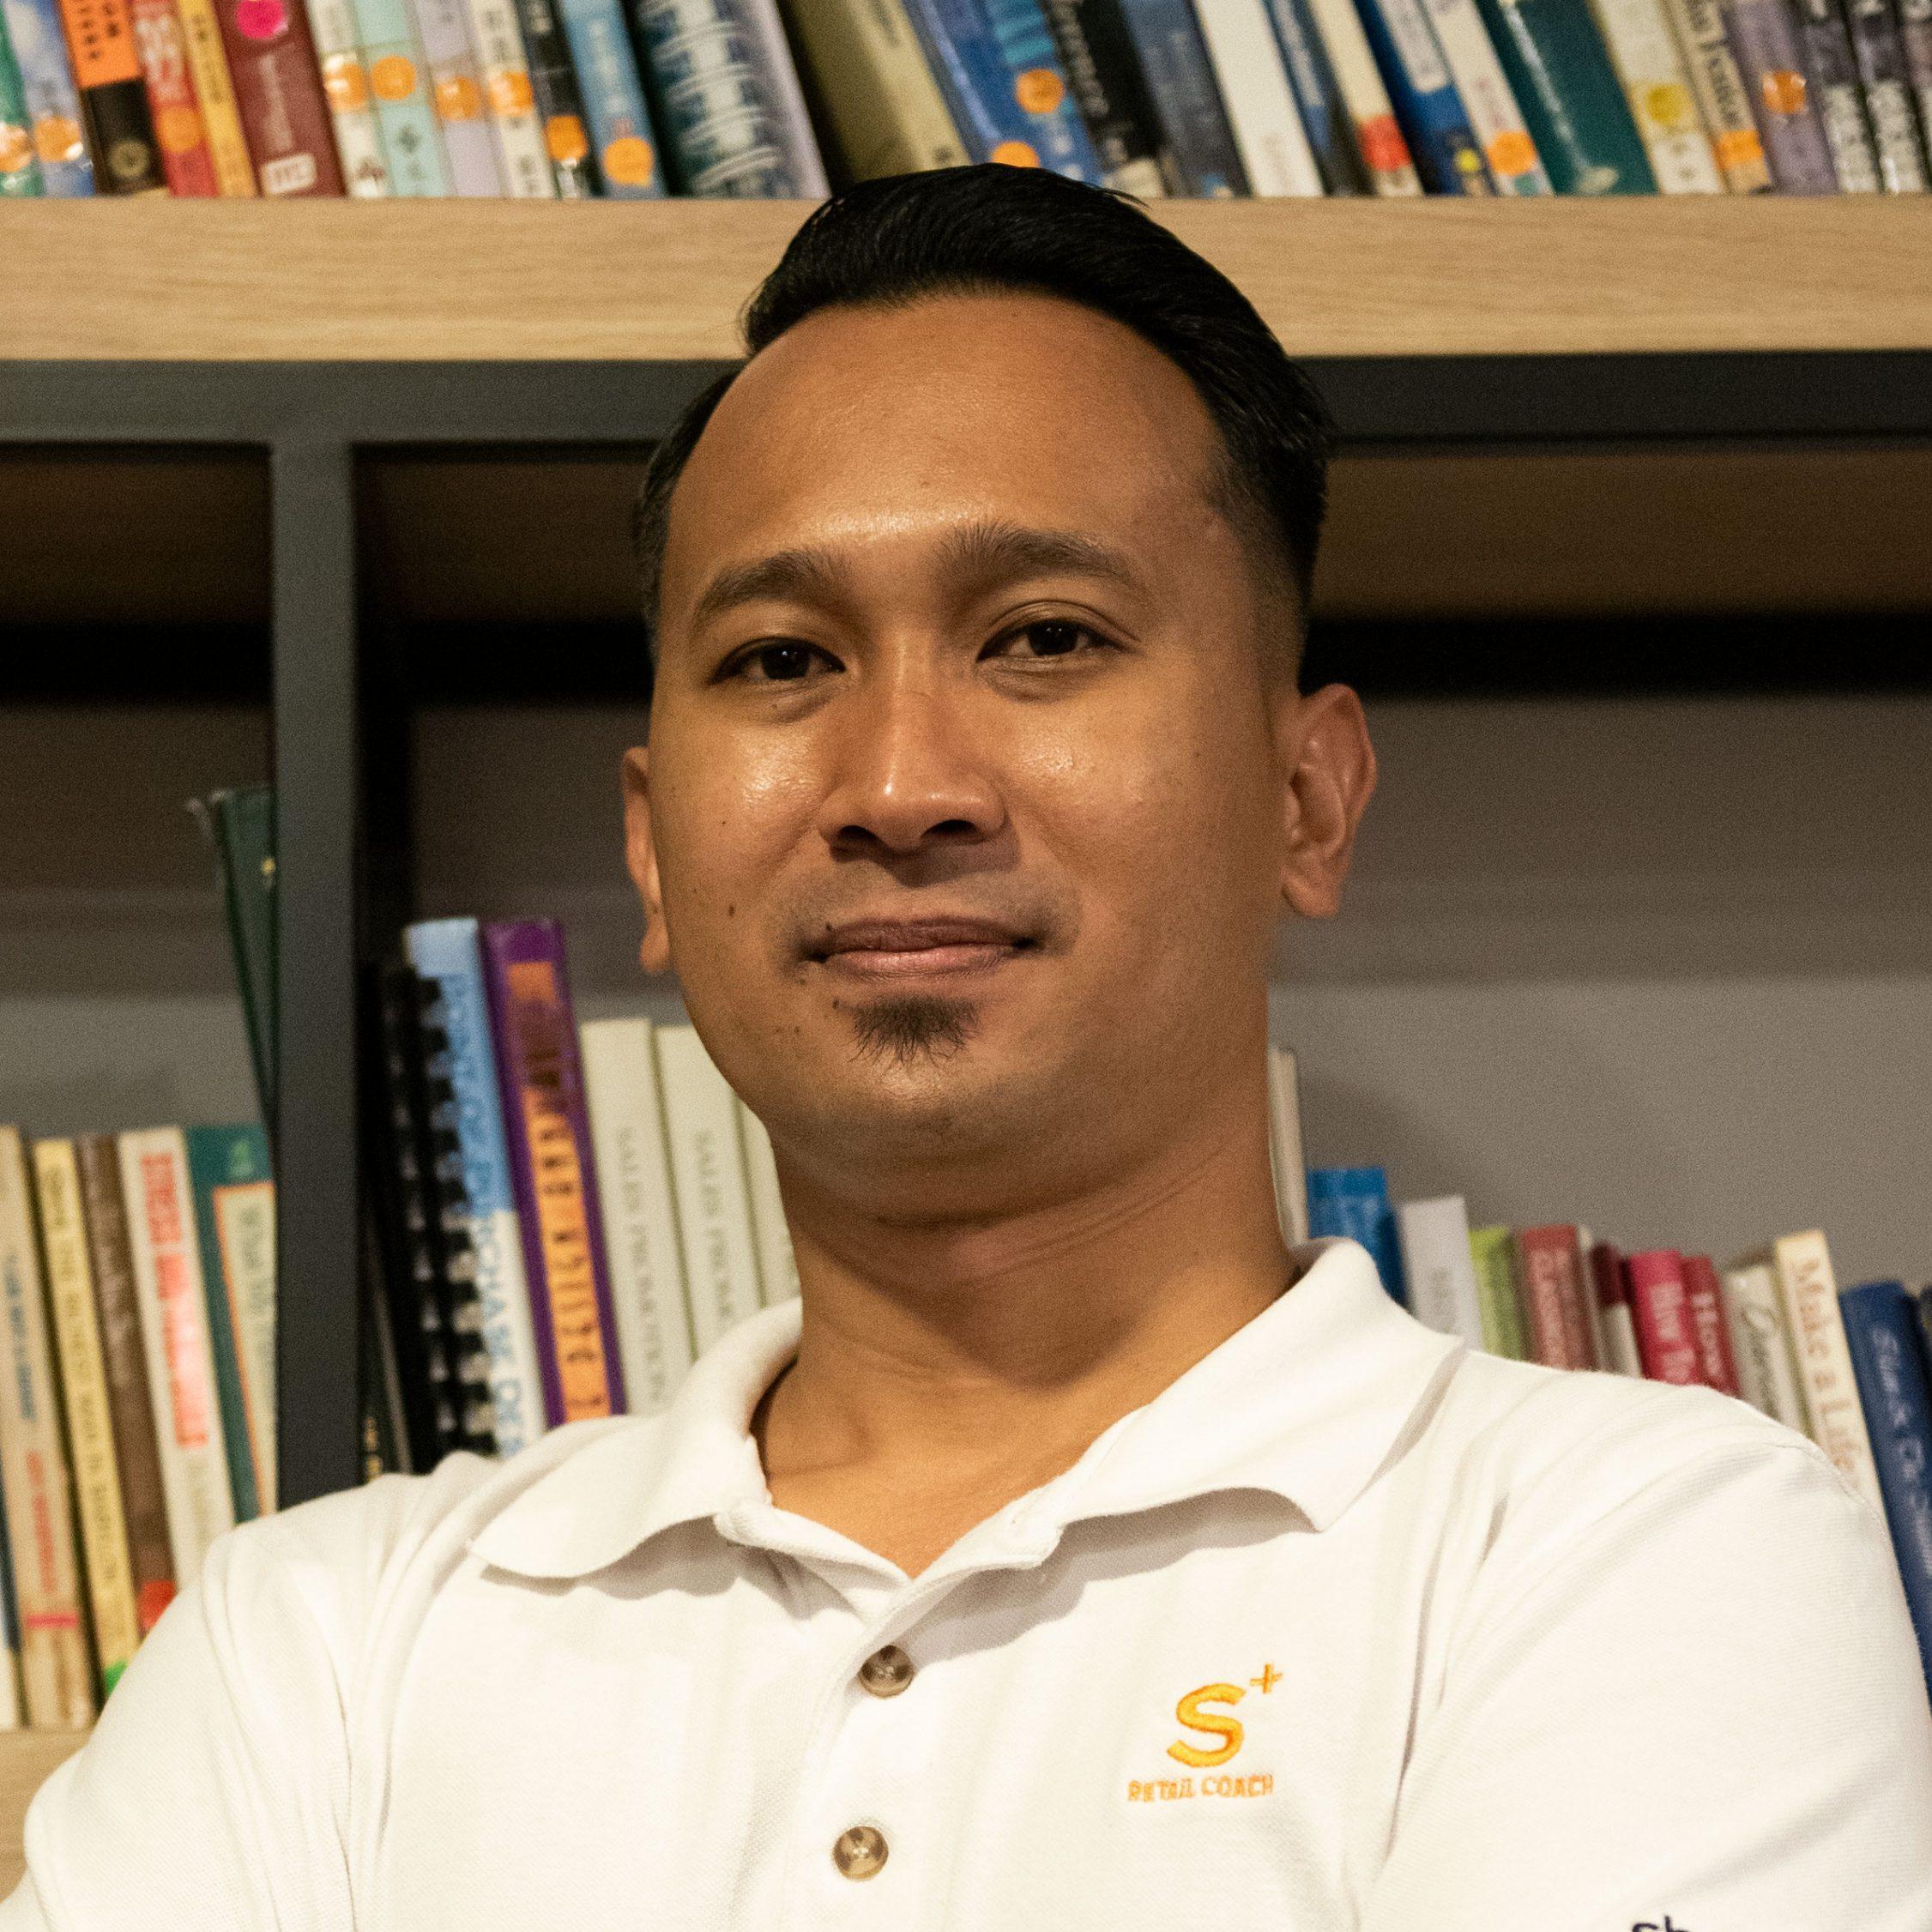 Muhammad Azhari Jasman